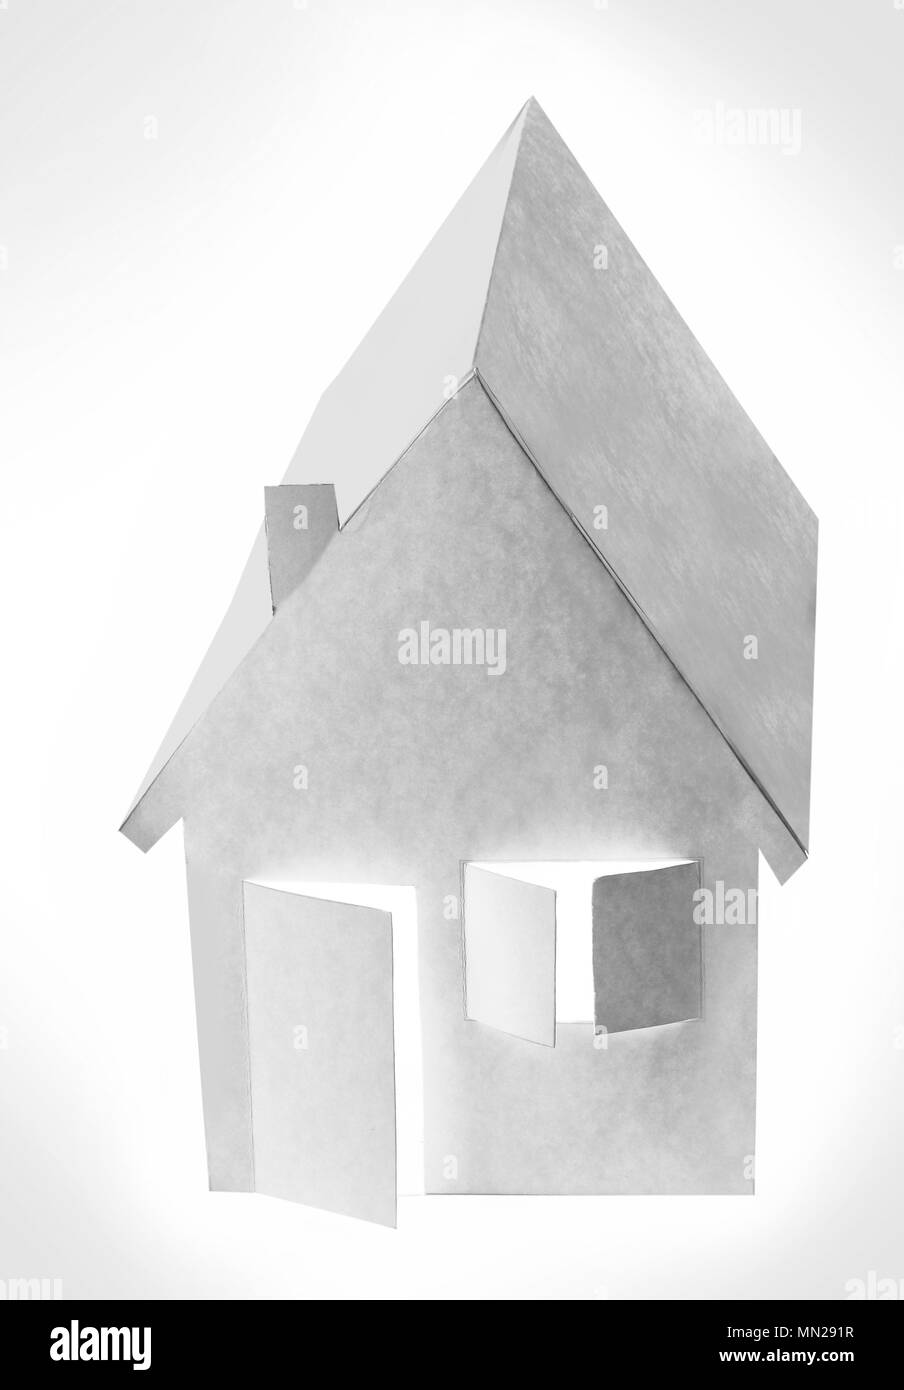 Papier Haus auf einen weißen Hintergrund mit Hintergrundbeleuchtung auf dem Fenster und Türen Stockbild